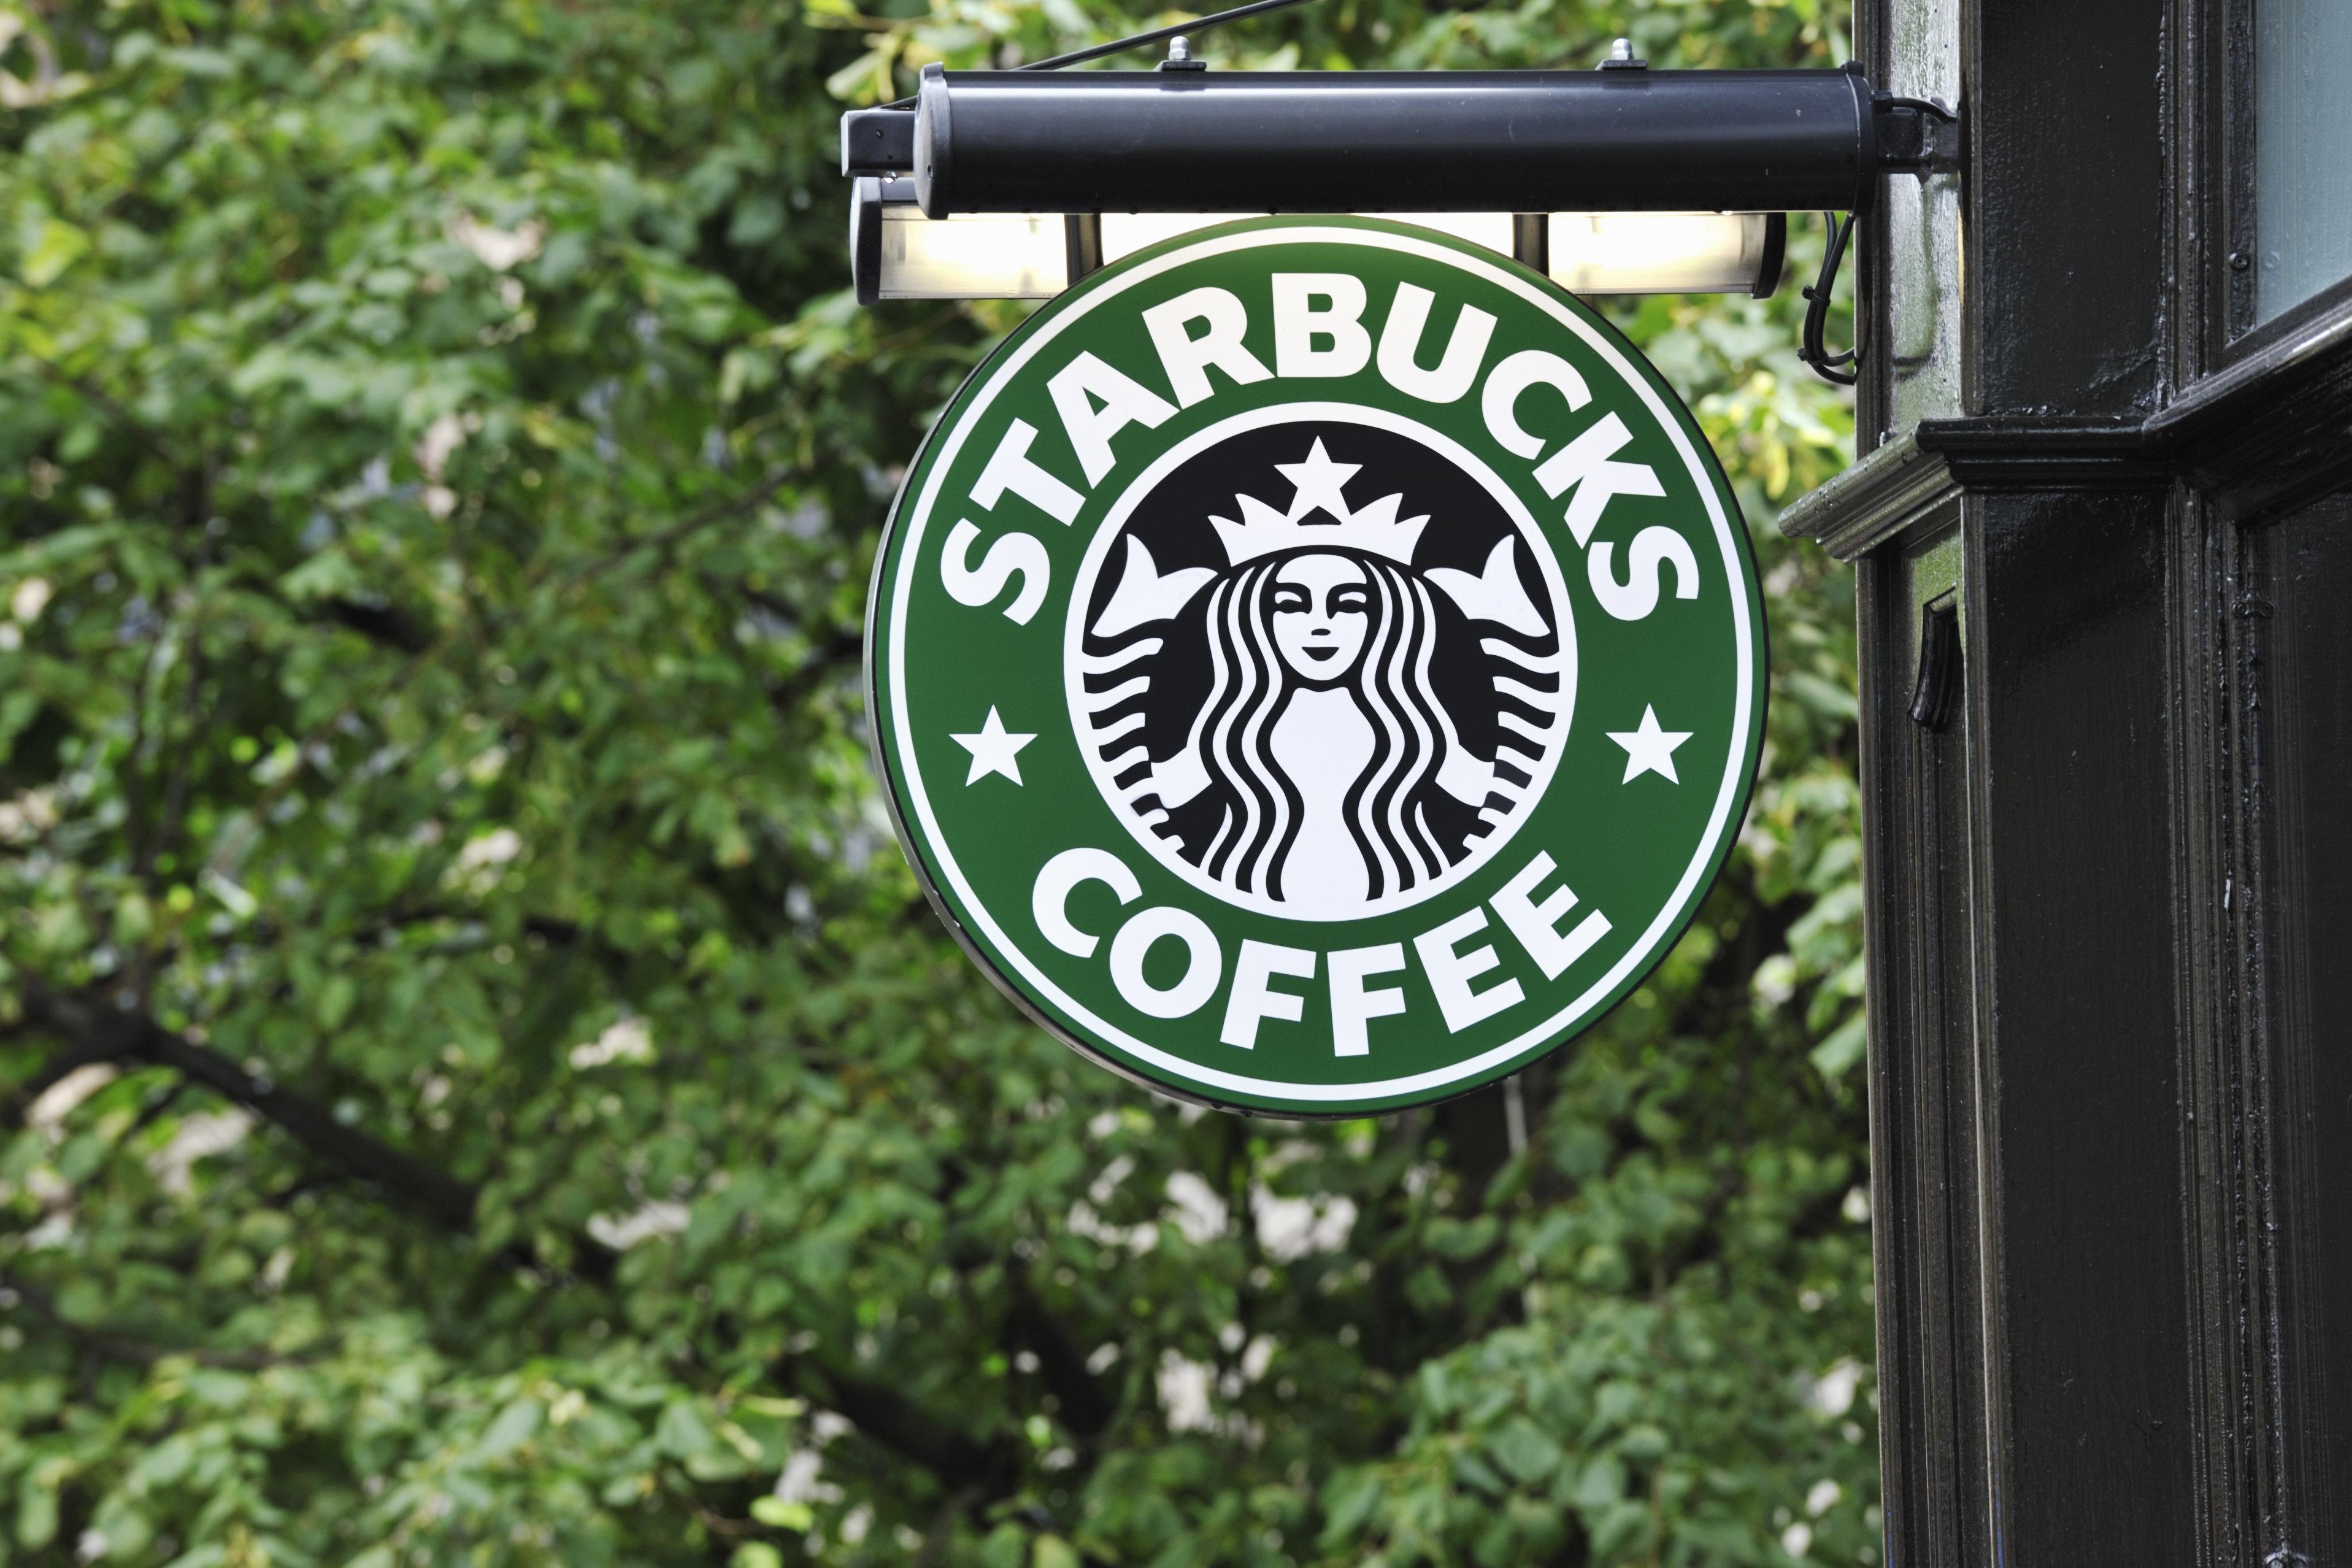 스타벅스 CEO는 매장에서 체포된 흑인 2명을 직접 만나고 싶다